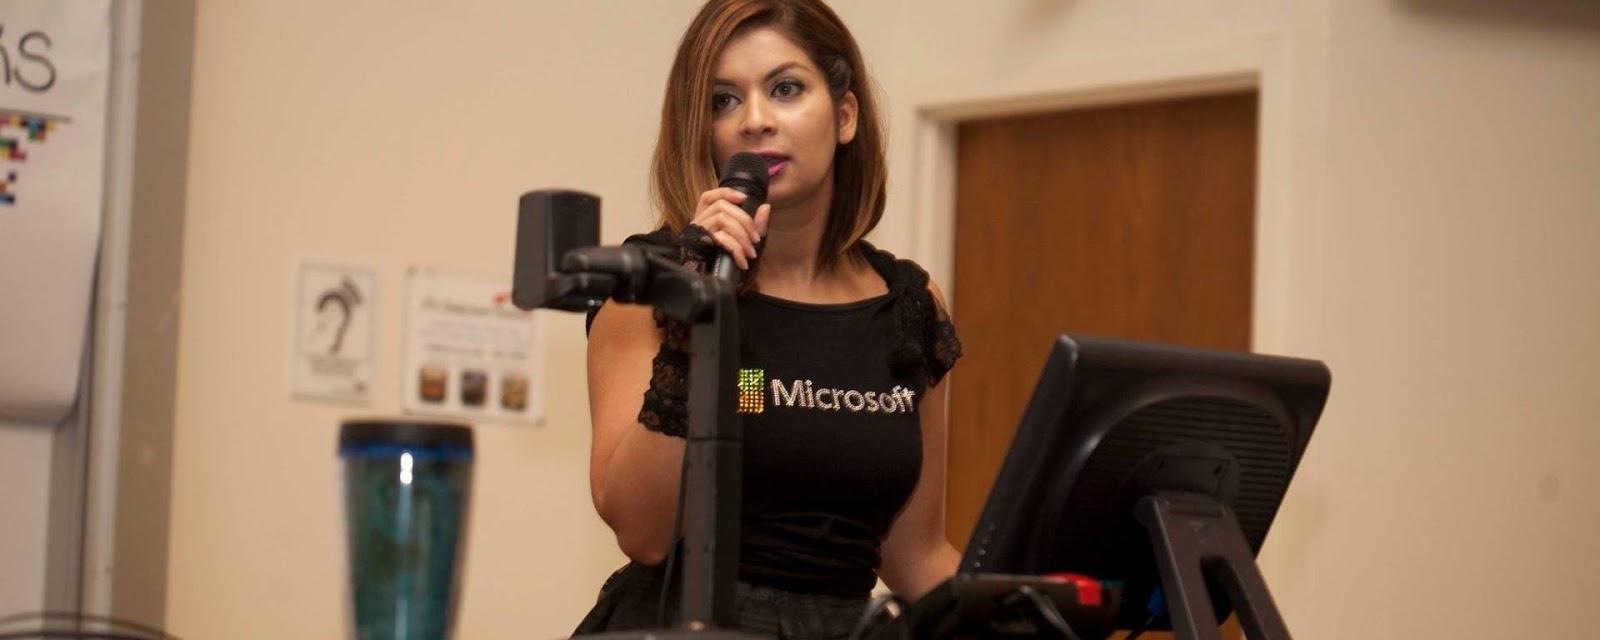 Sì, il Programma Windows Insider continuerà anche dopo l'Anniversary Update (parola di Dona Sarkar)